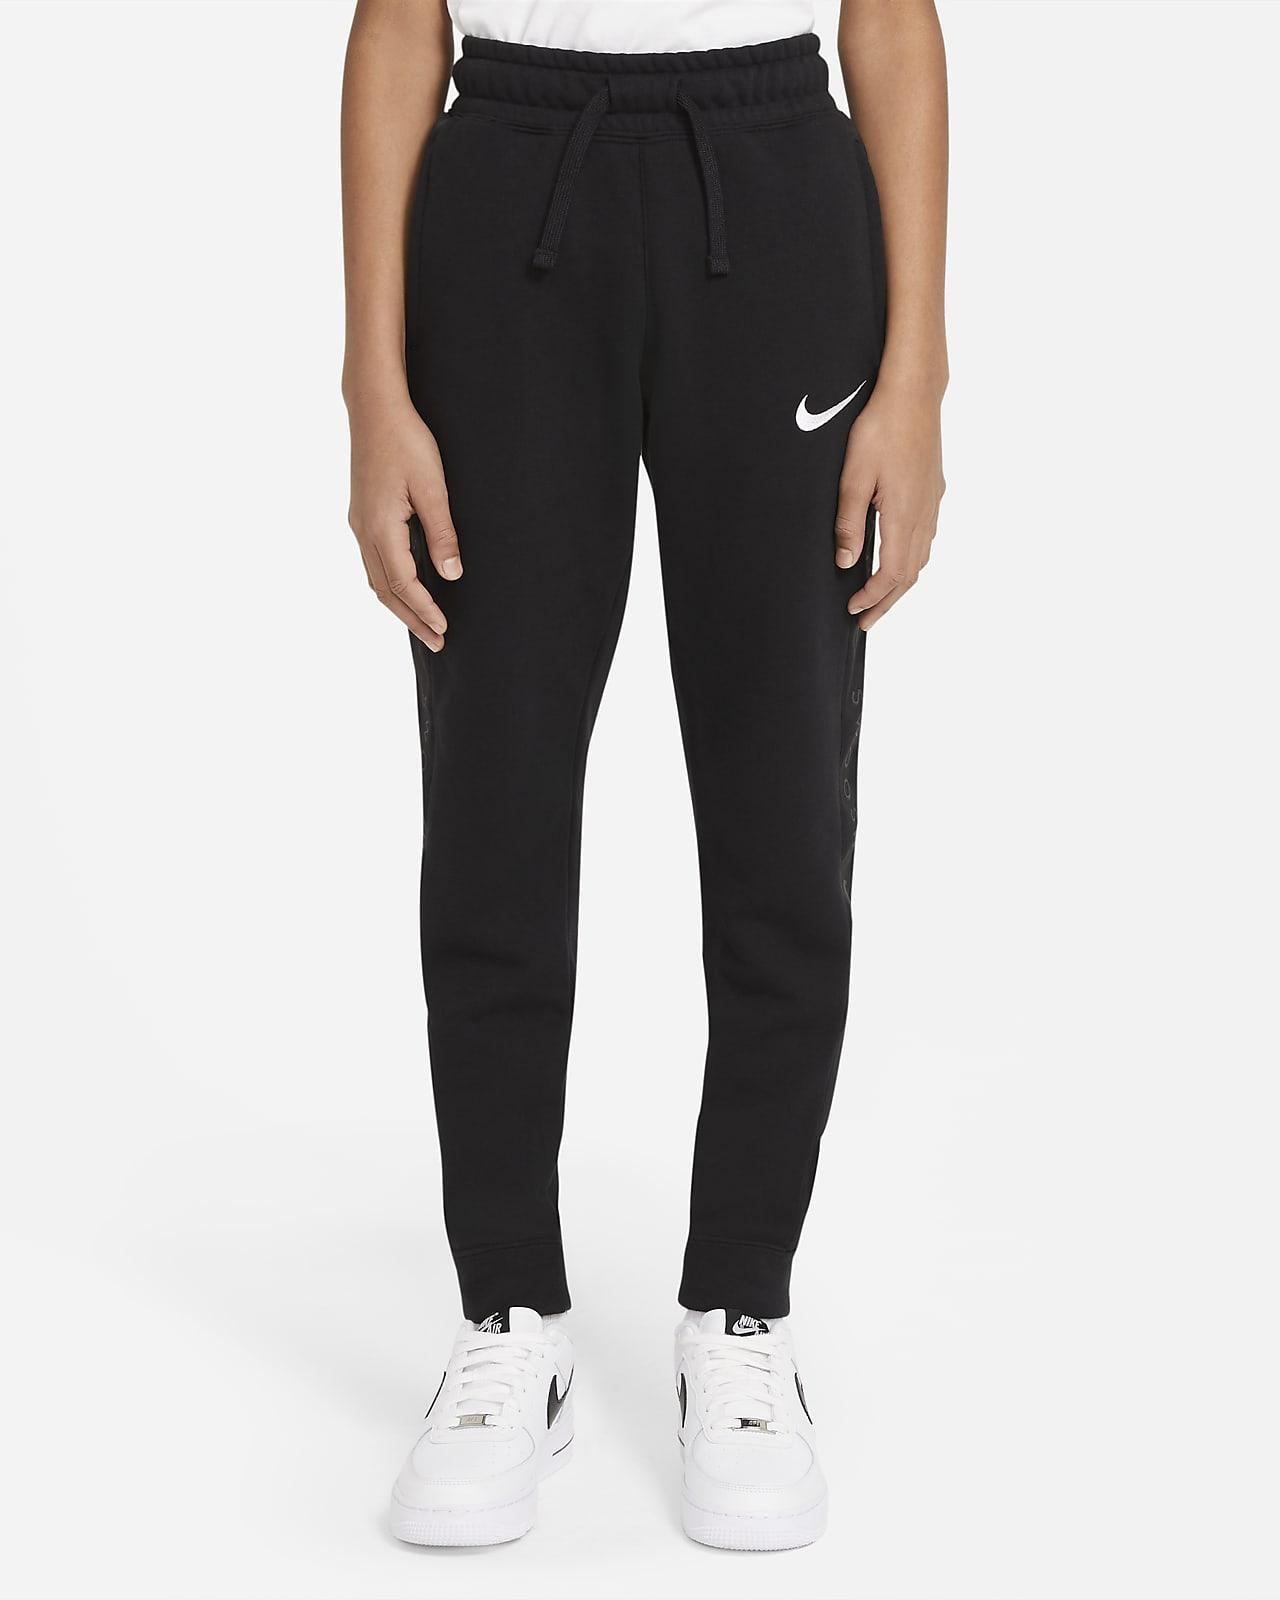 Pantaloni in fleece Nike Sportswear Swoosh - Ragazzo